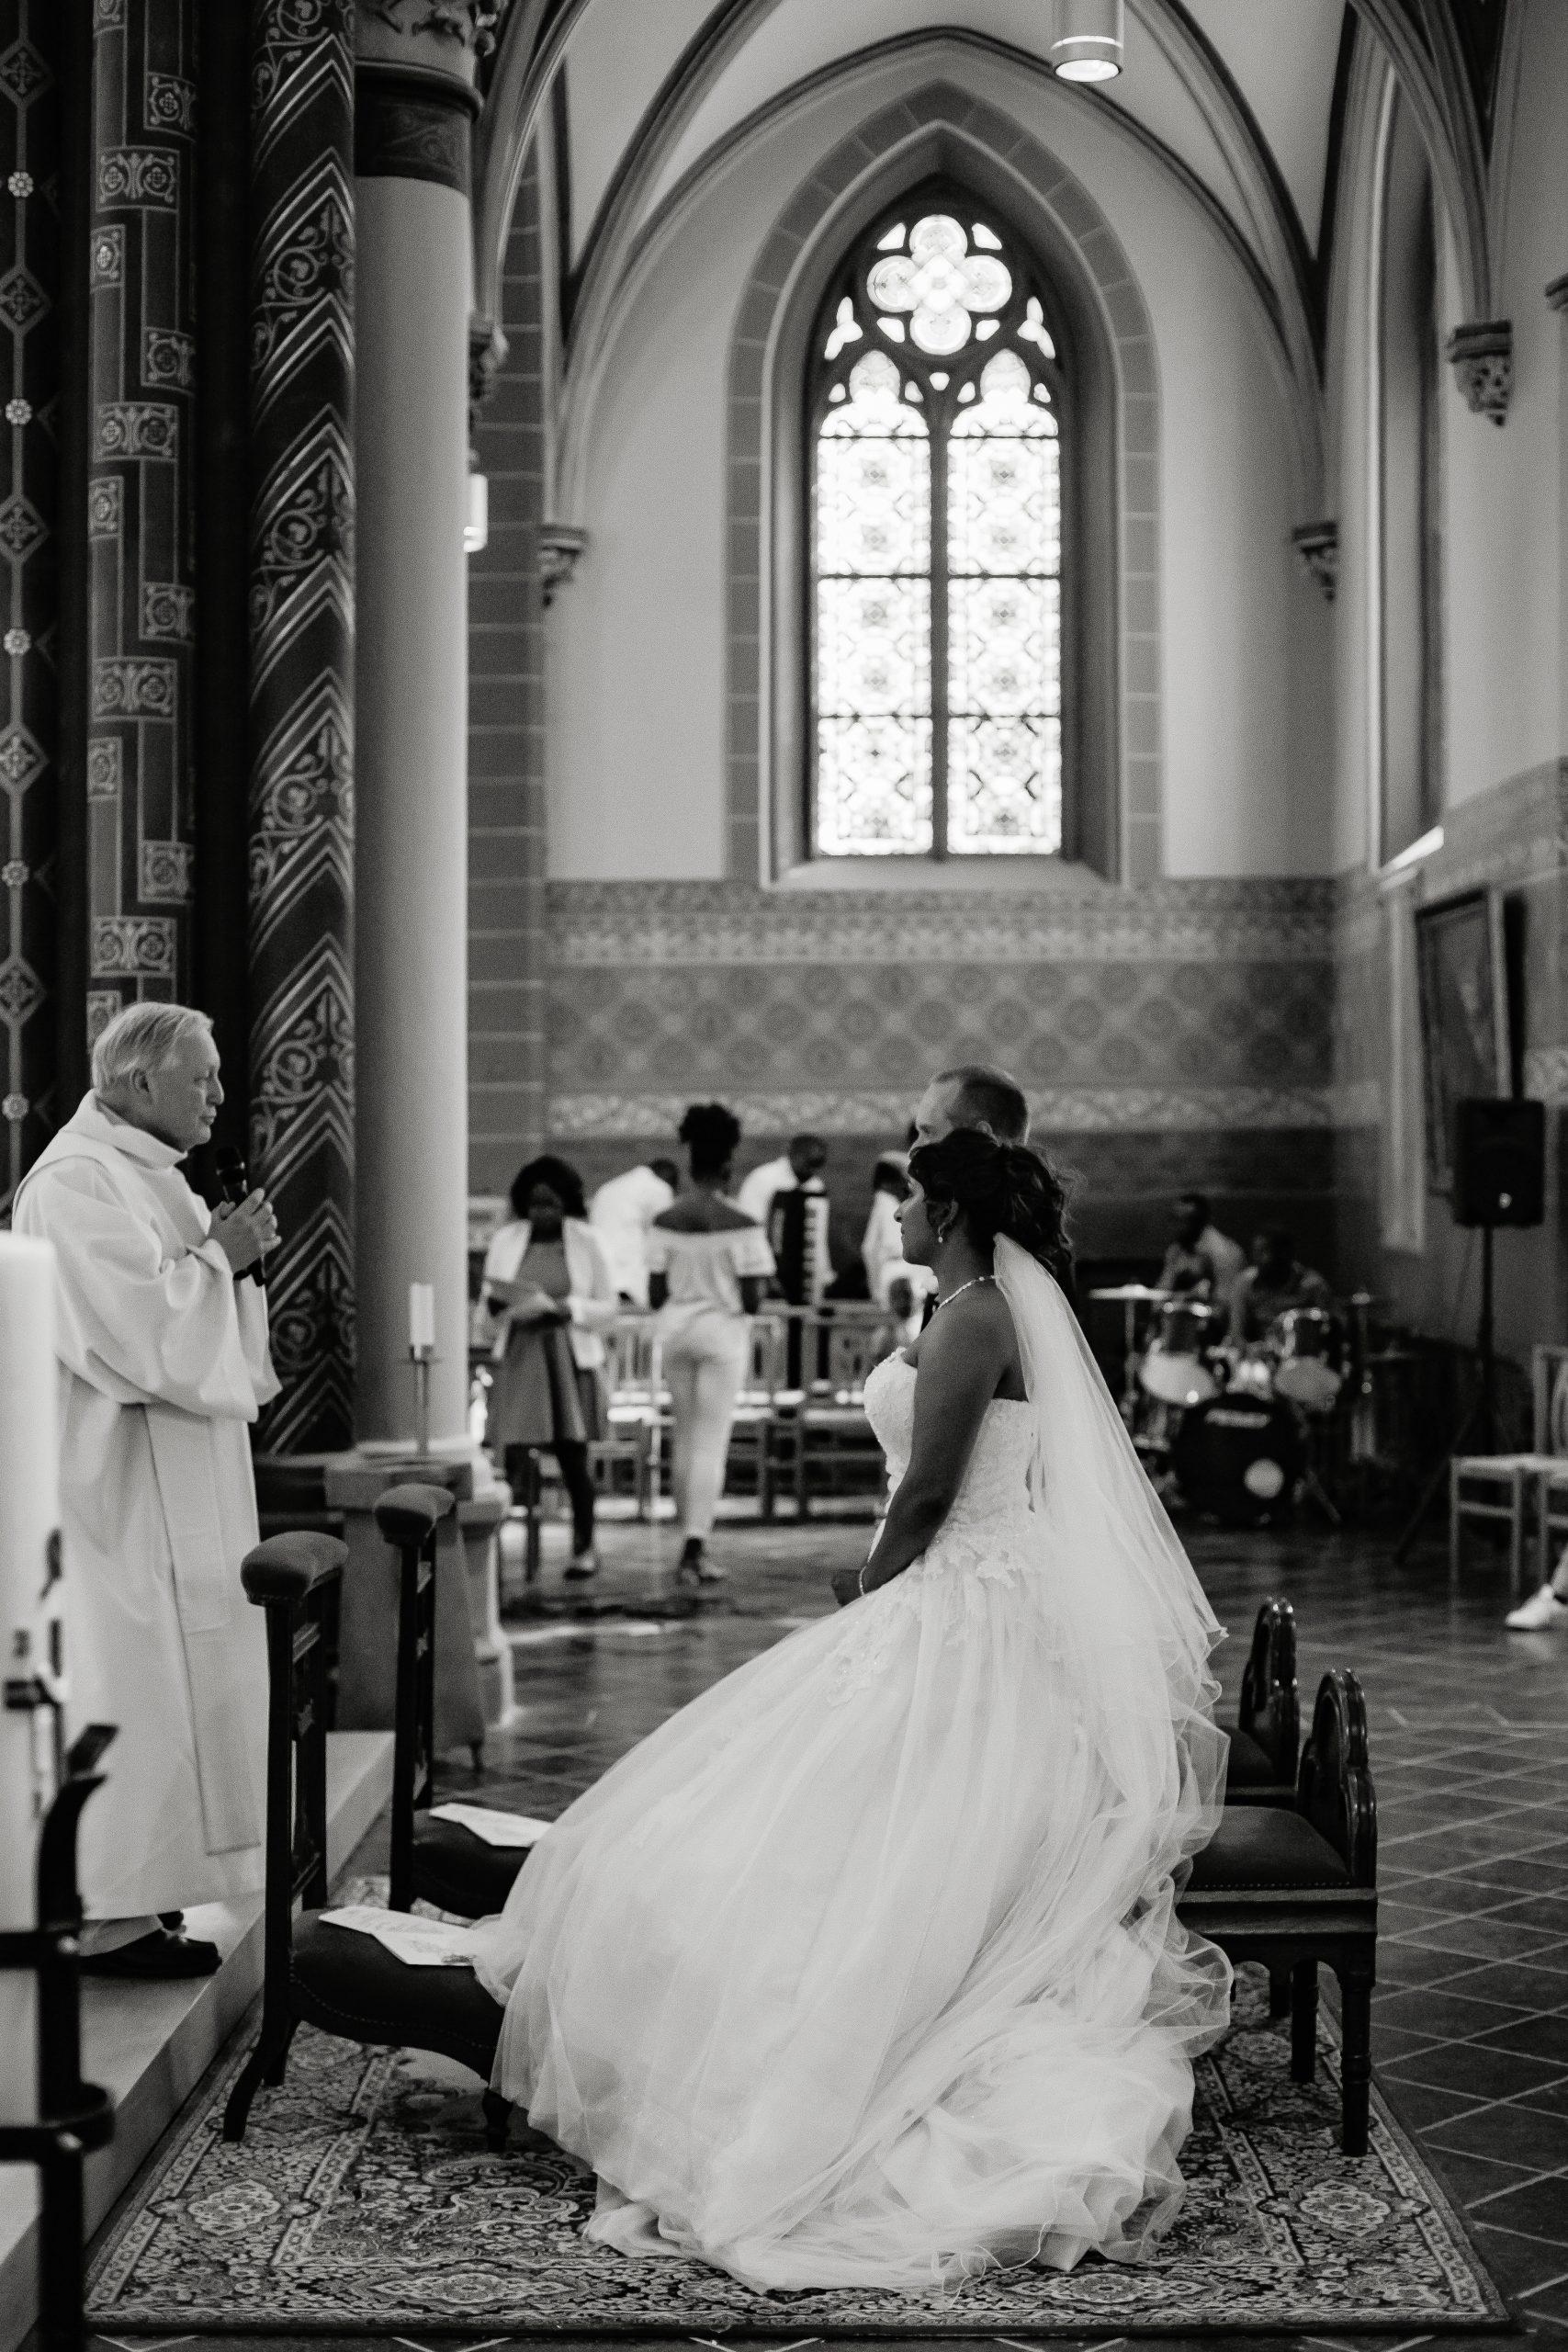 Mariage-Virginie M. Photos-couple-photos-union-amour-Croix-photographe Lille (78)